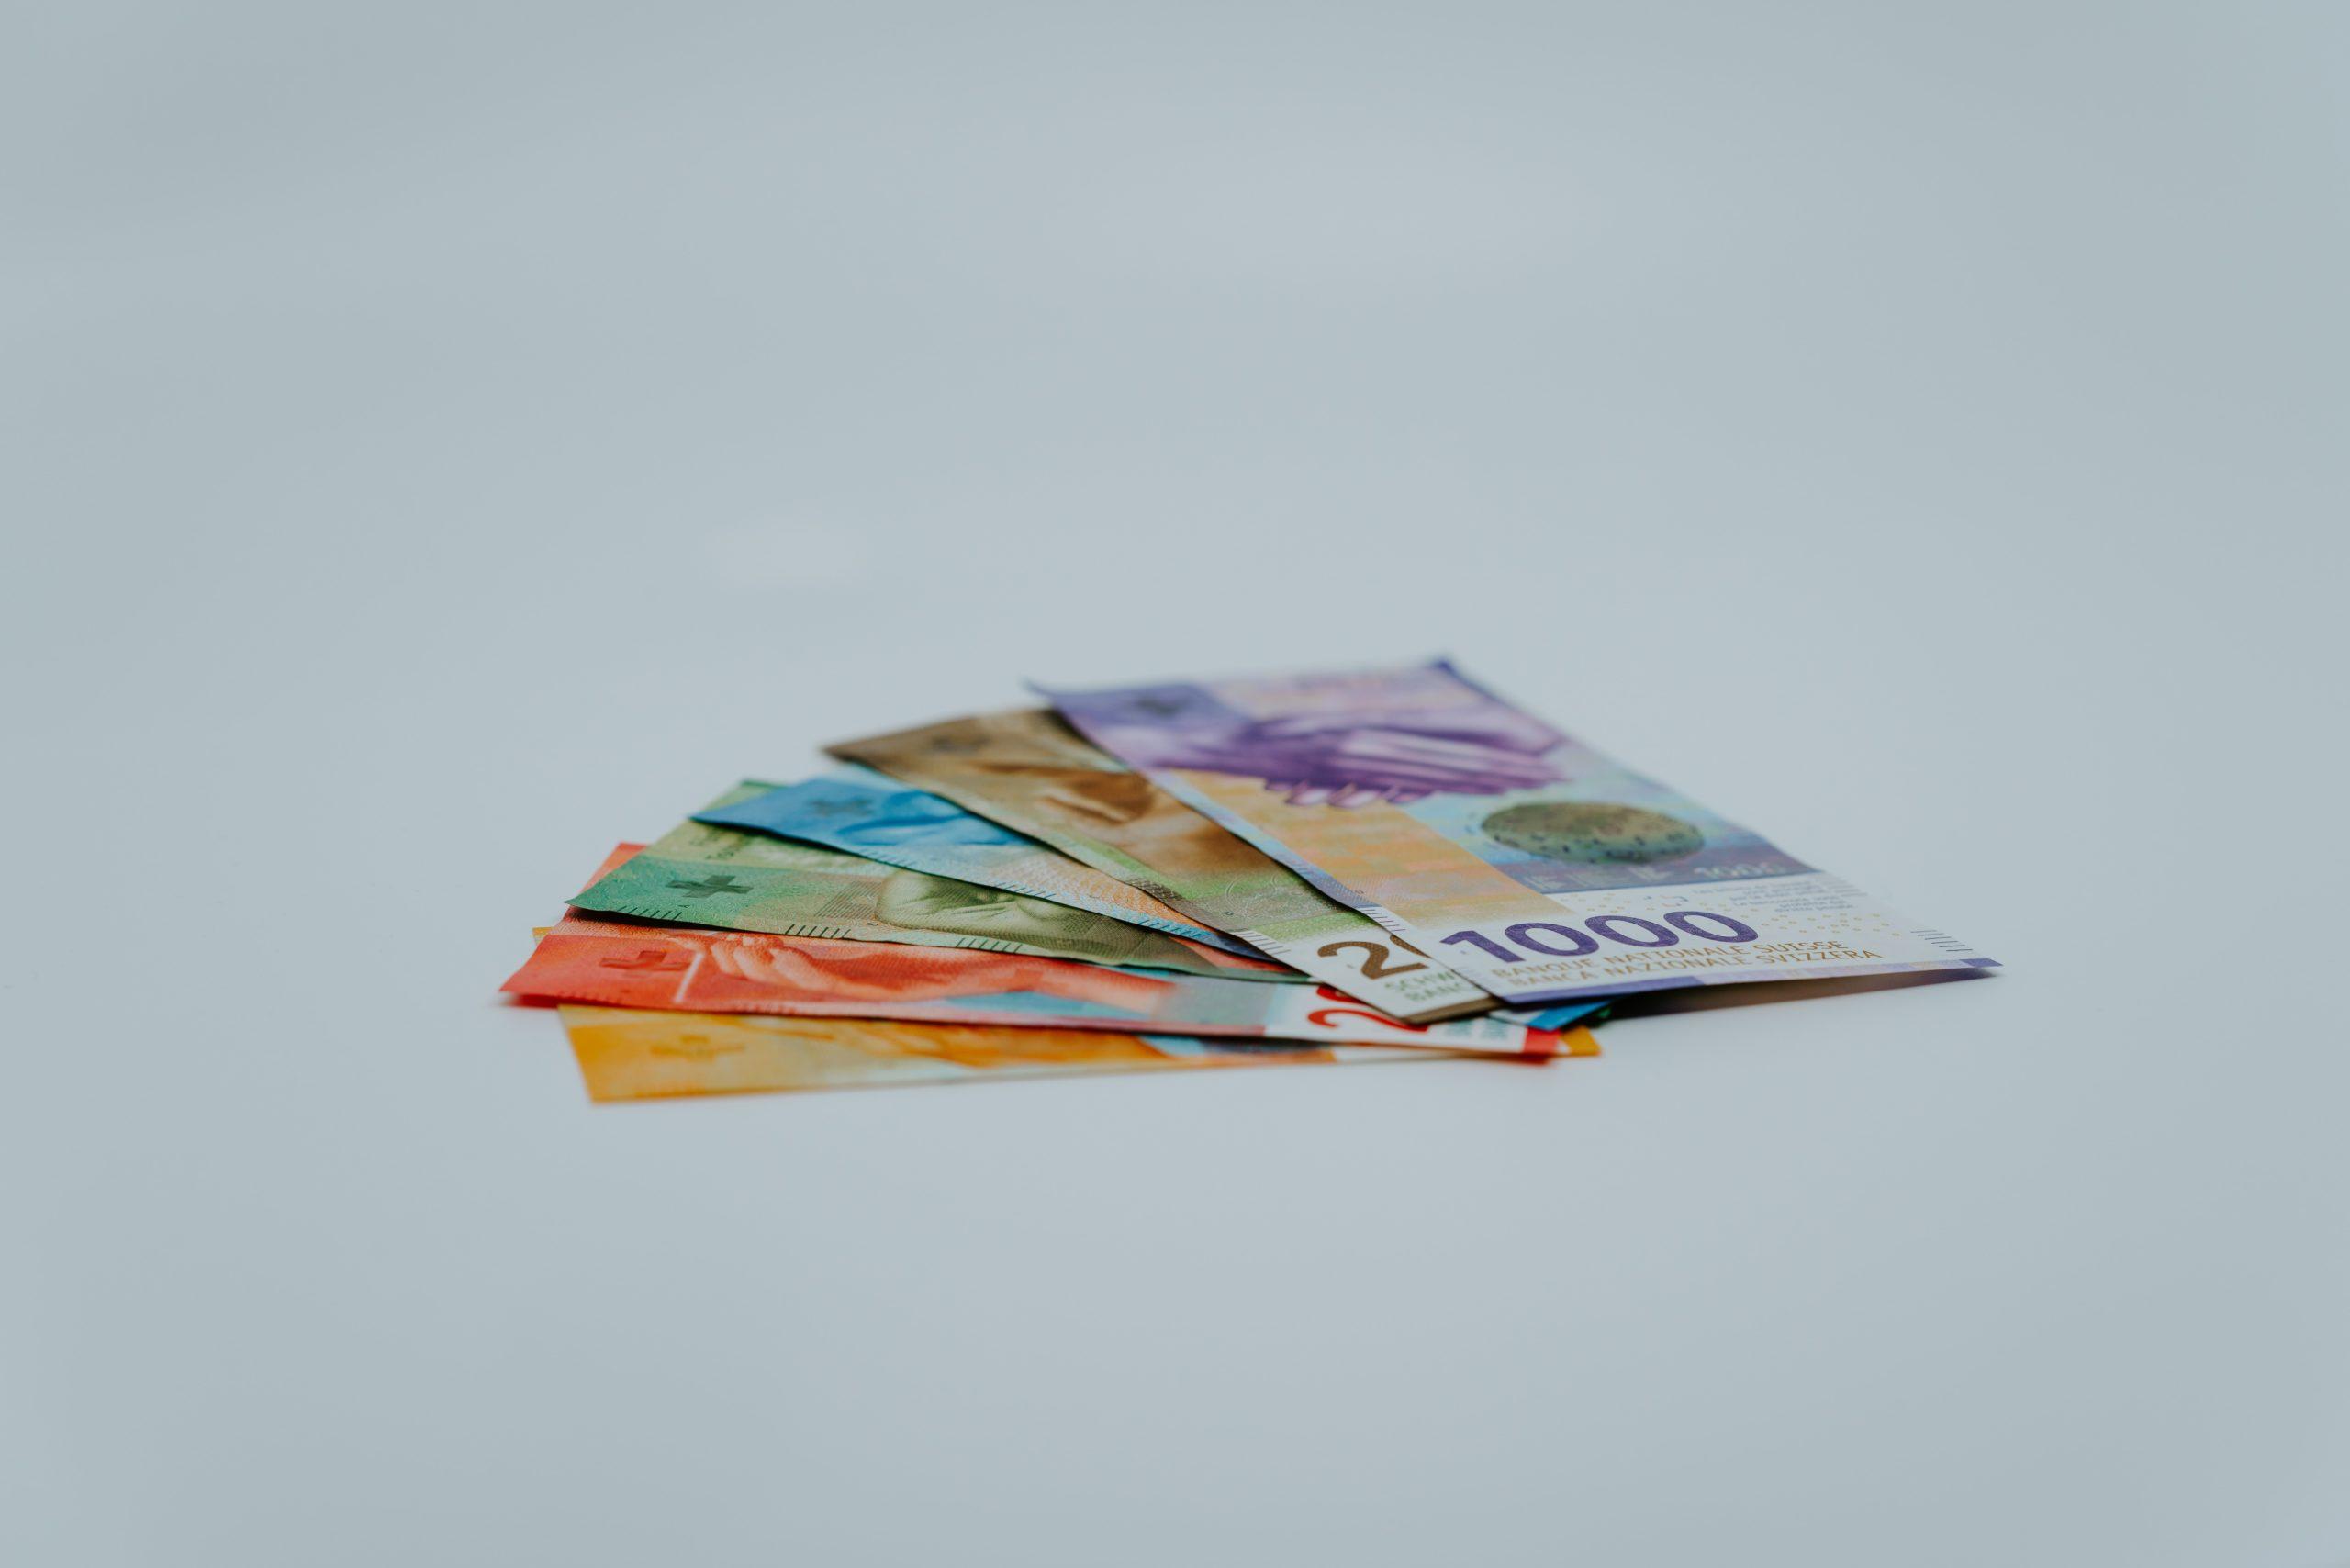 Comment obtenir une caution bancaire pour une entreprise ?